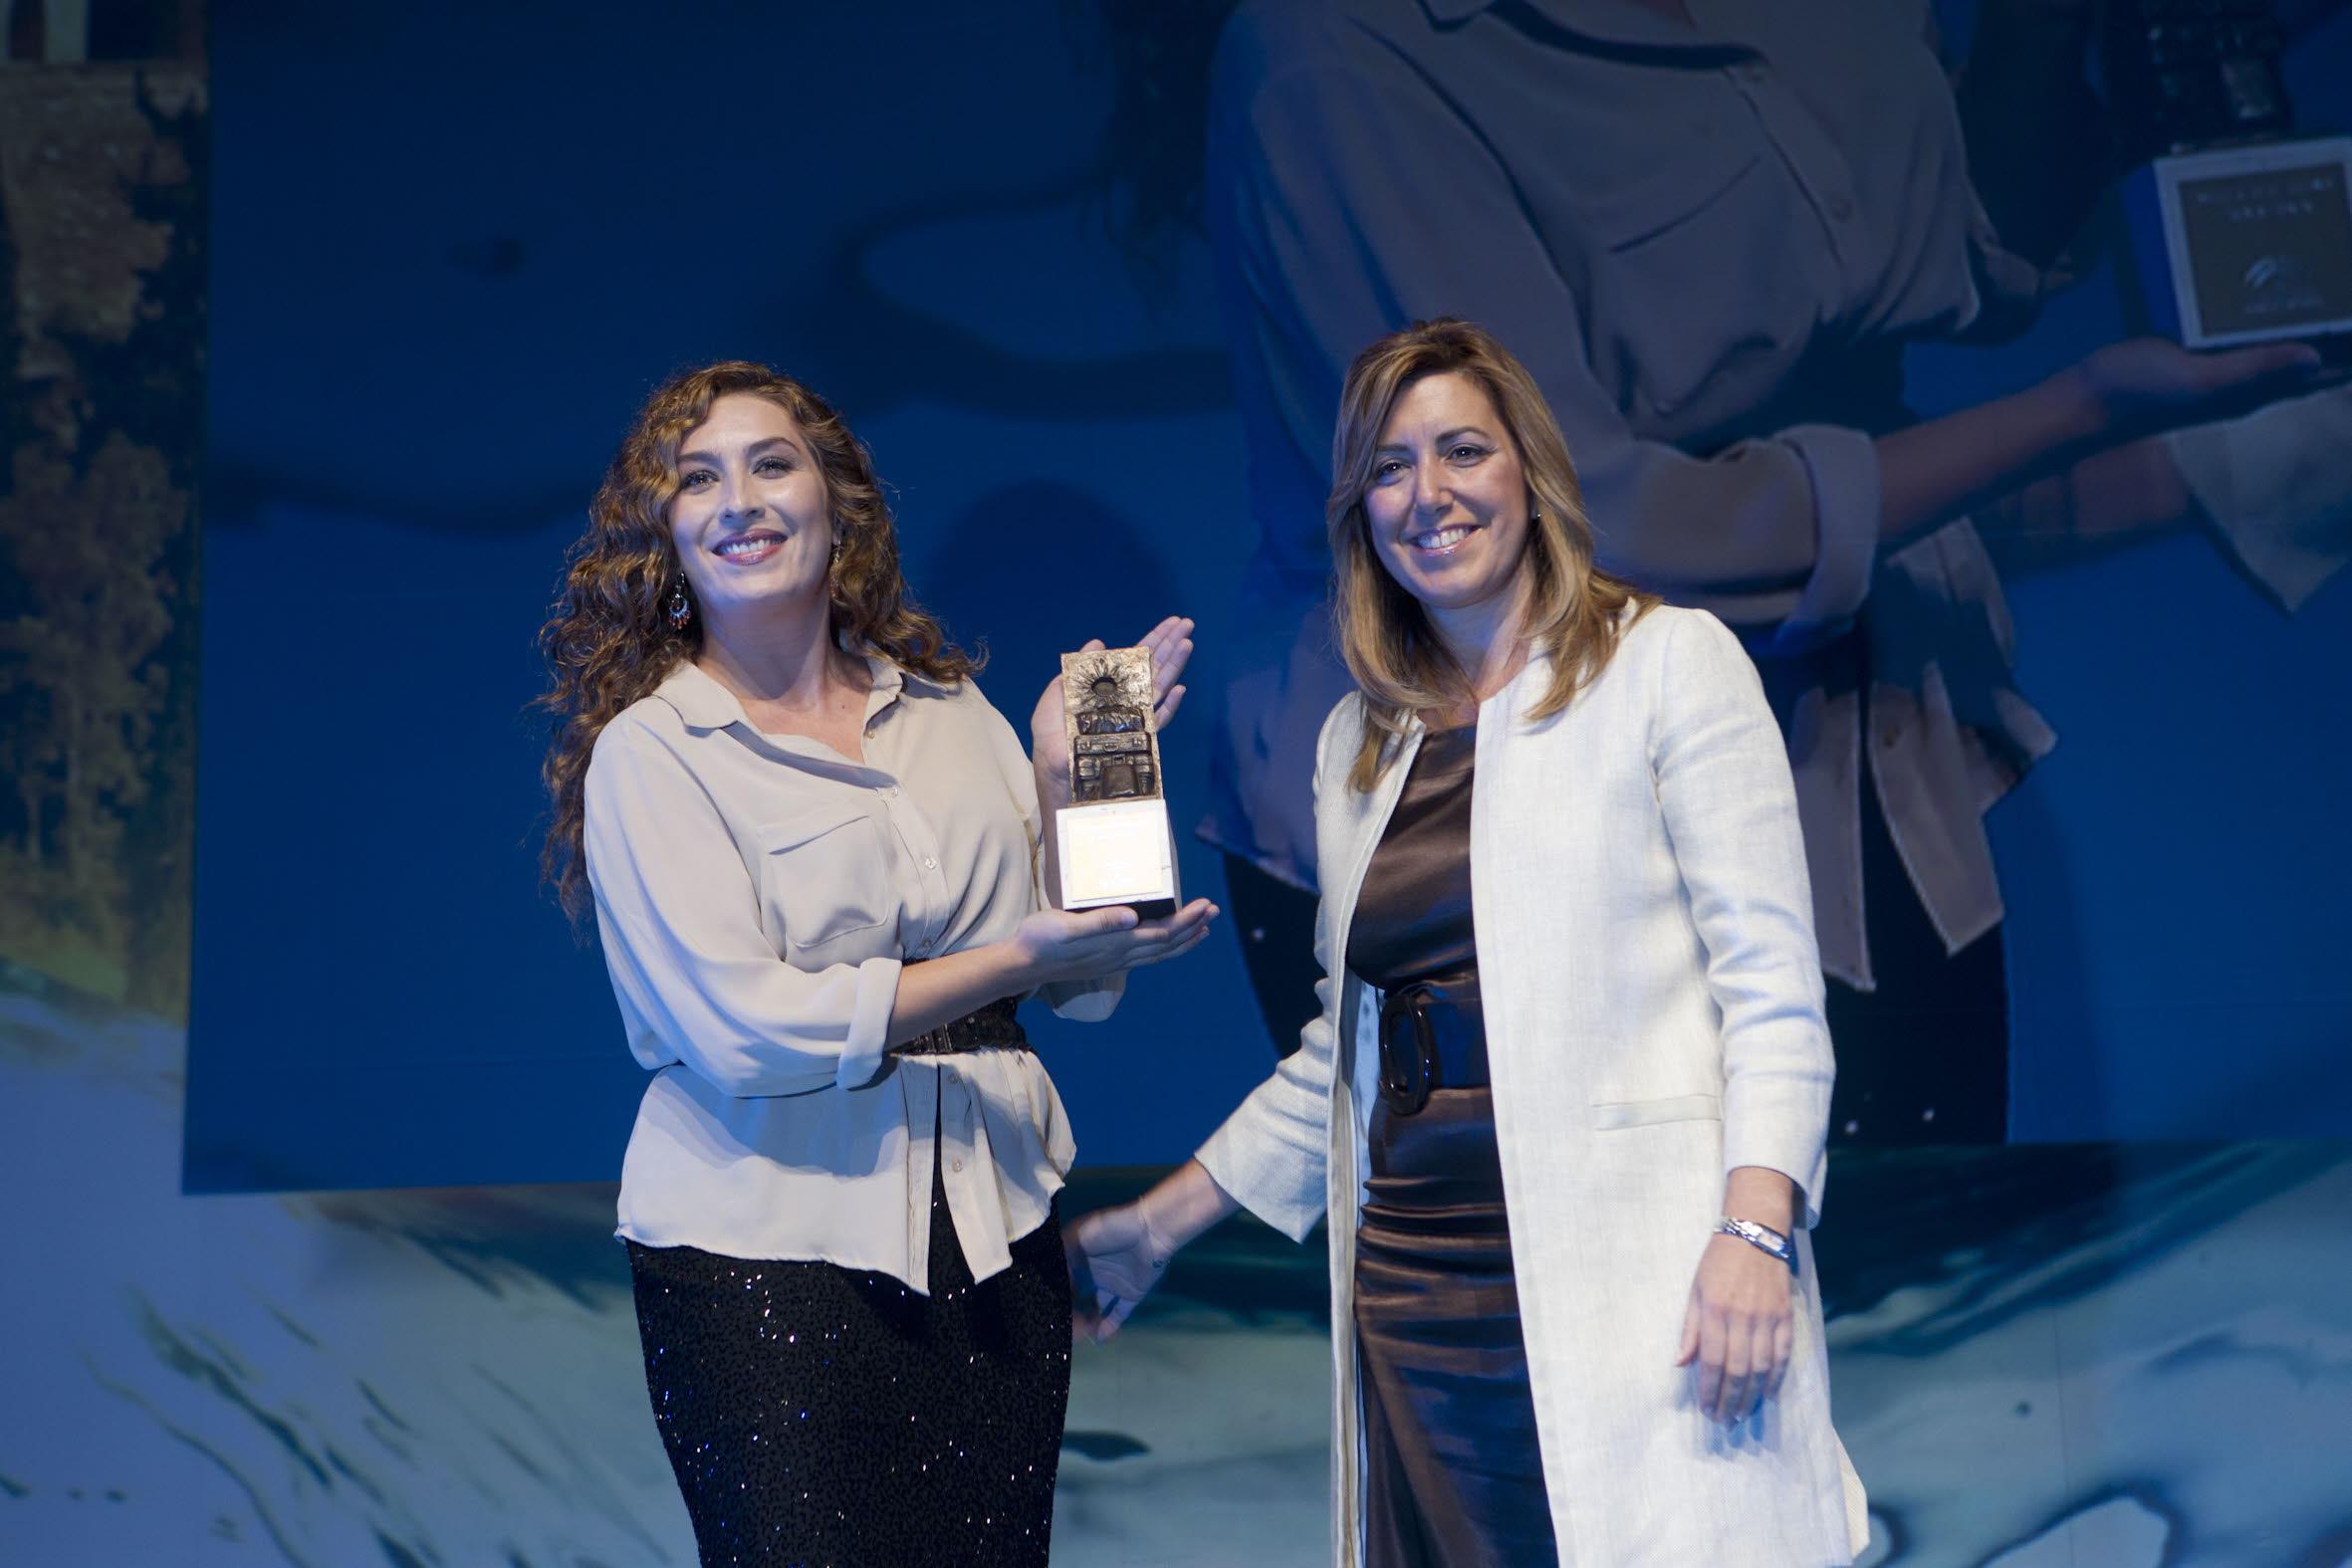 El Hospital Real acoge hoy los premios IDEALES